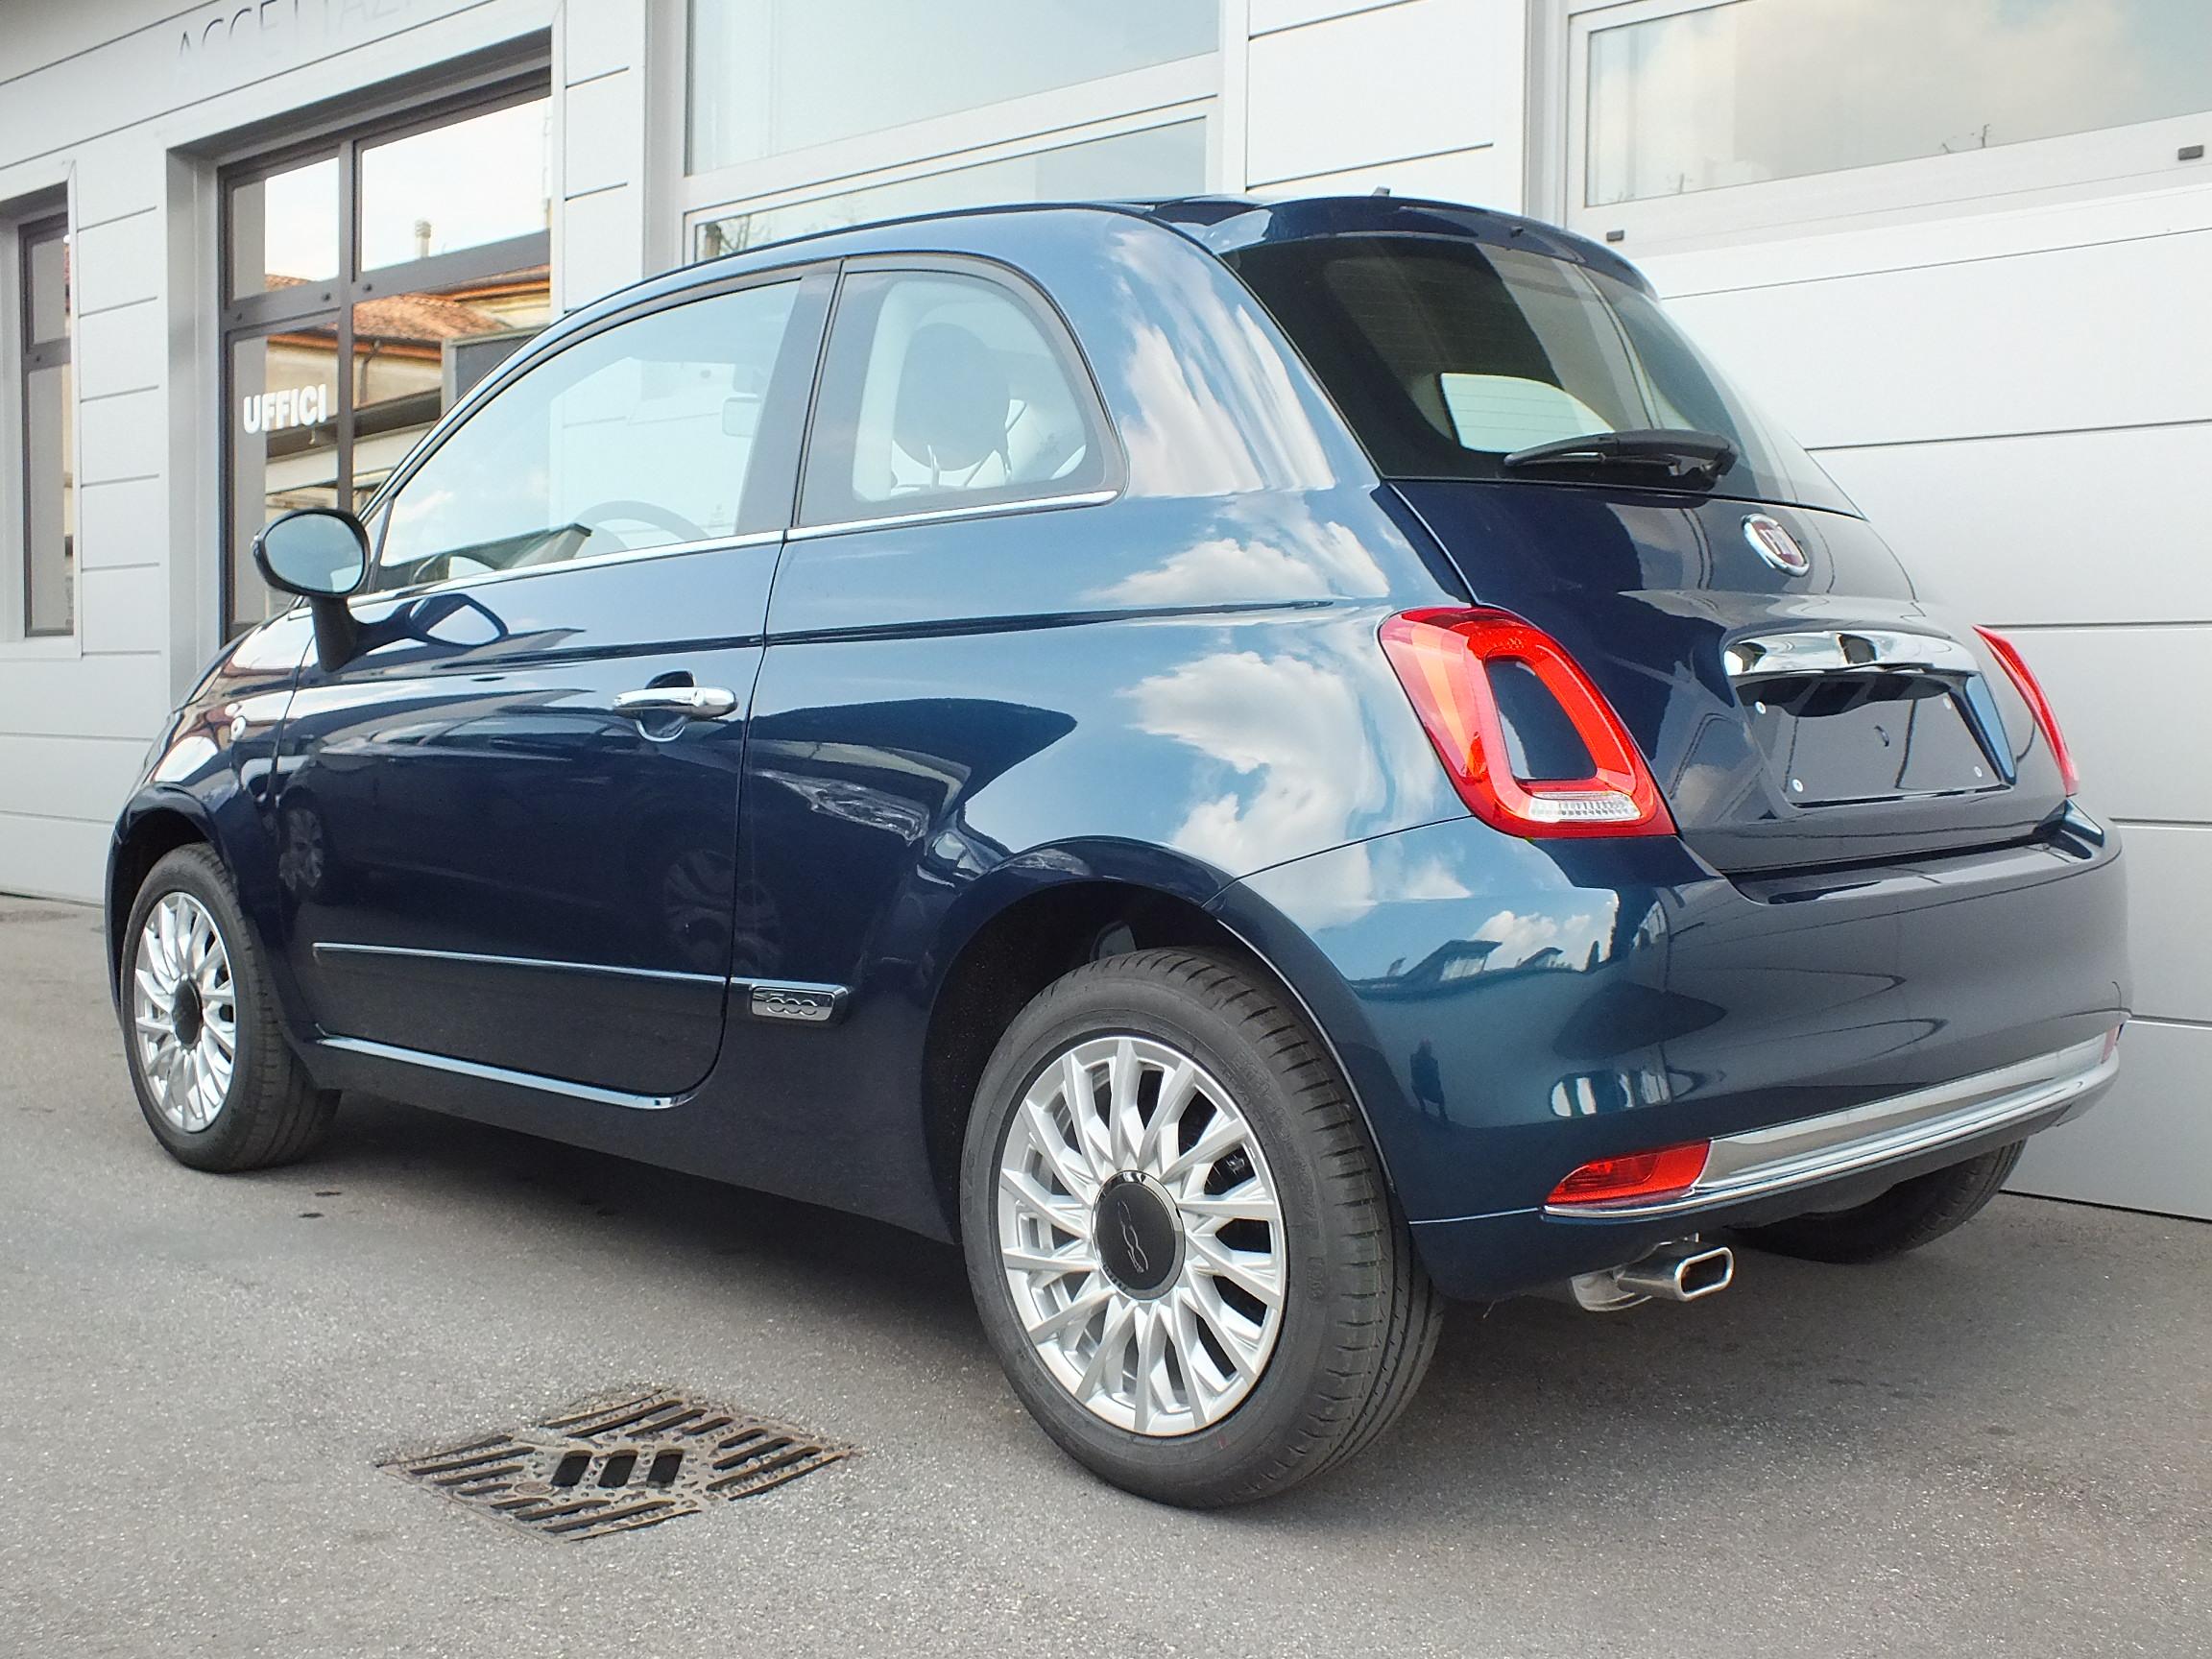 Fiat 500 Benzina e GPL - Motori e consumi   Fiat